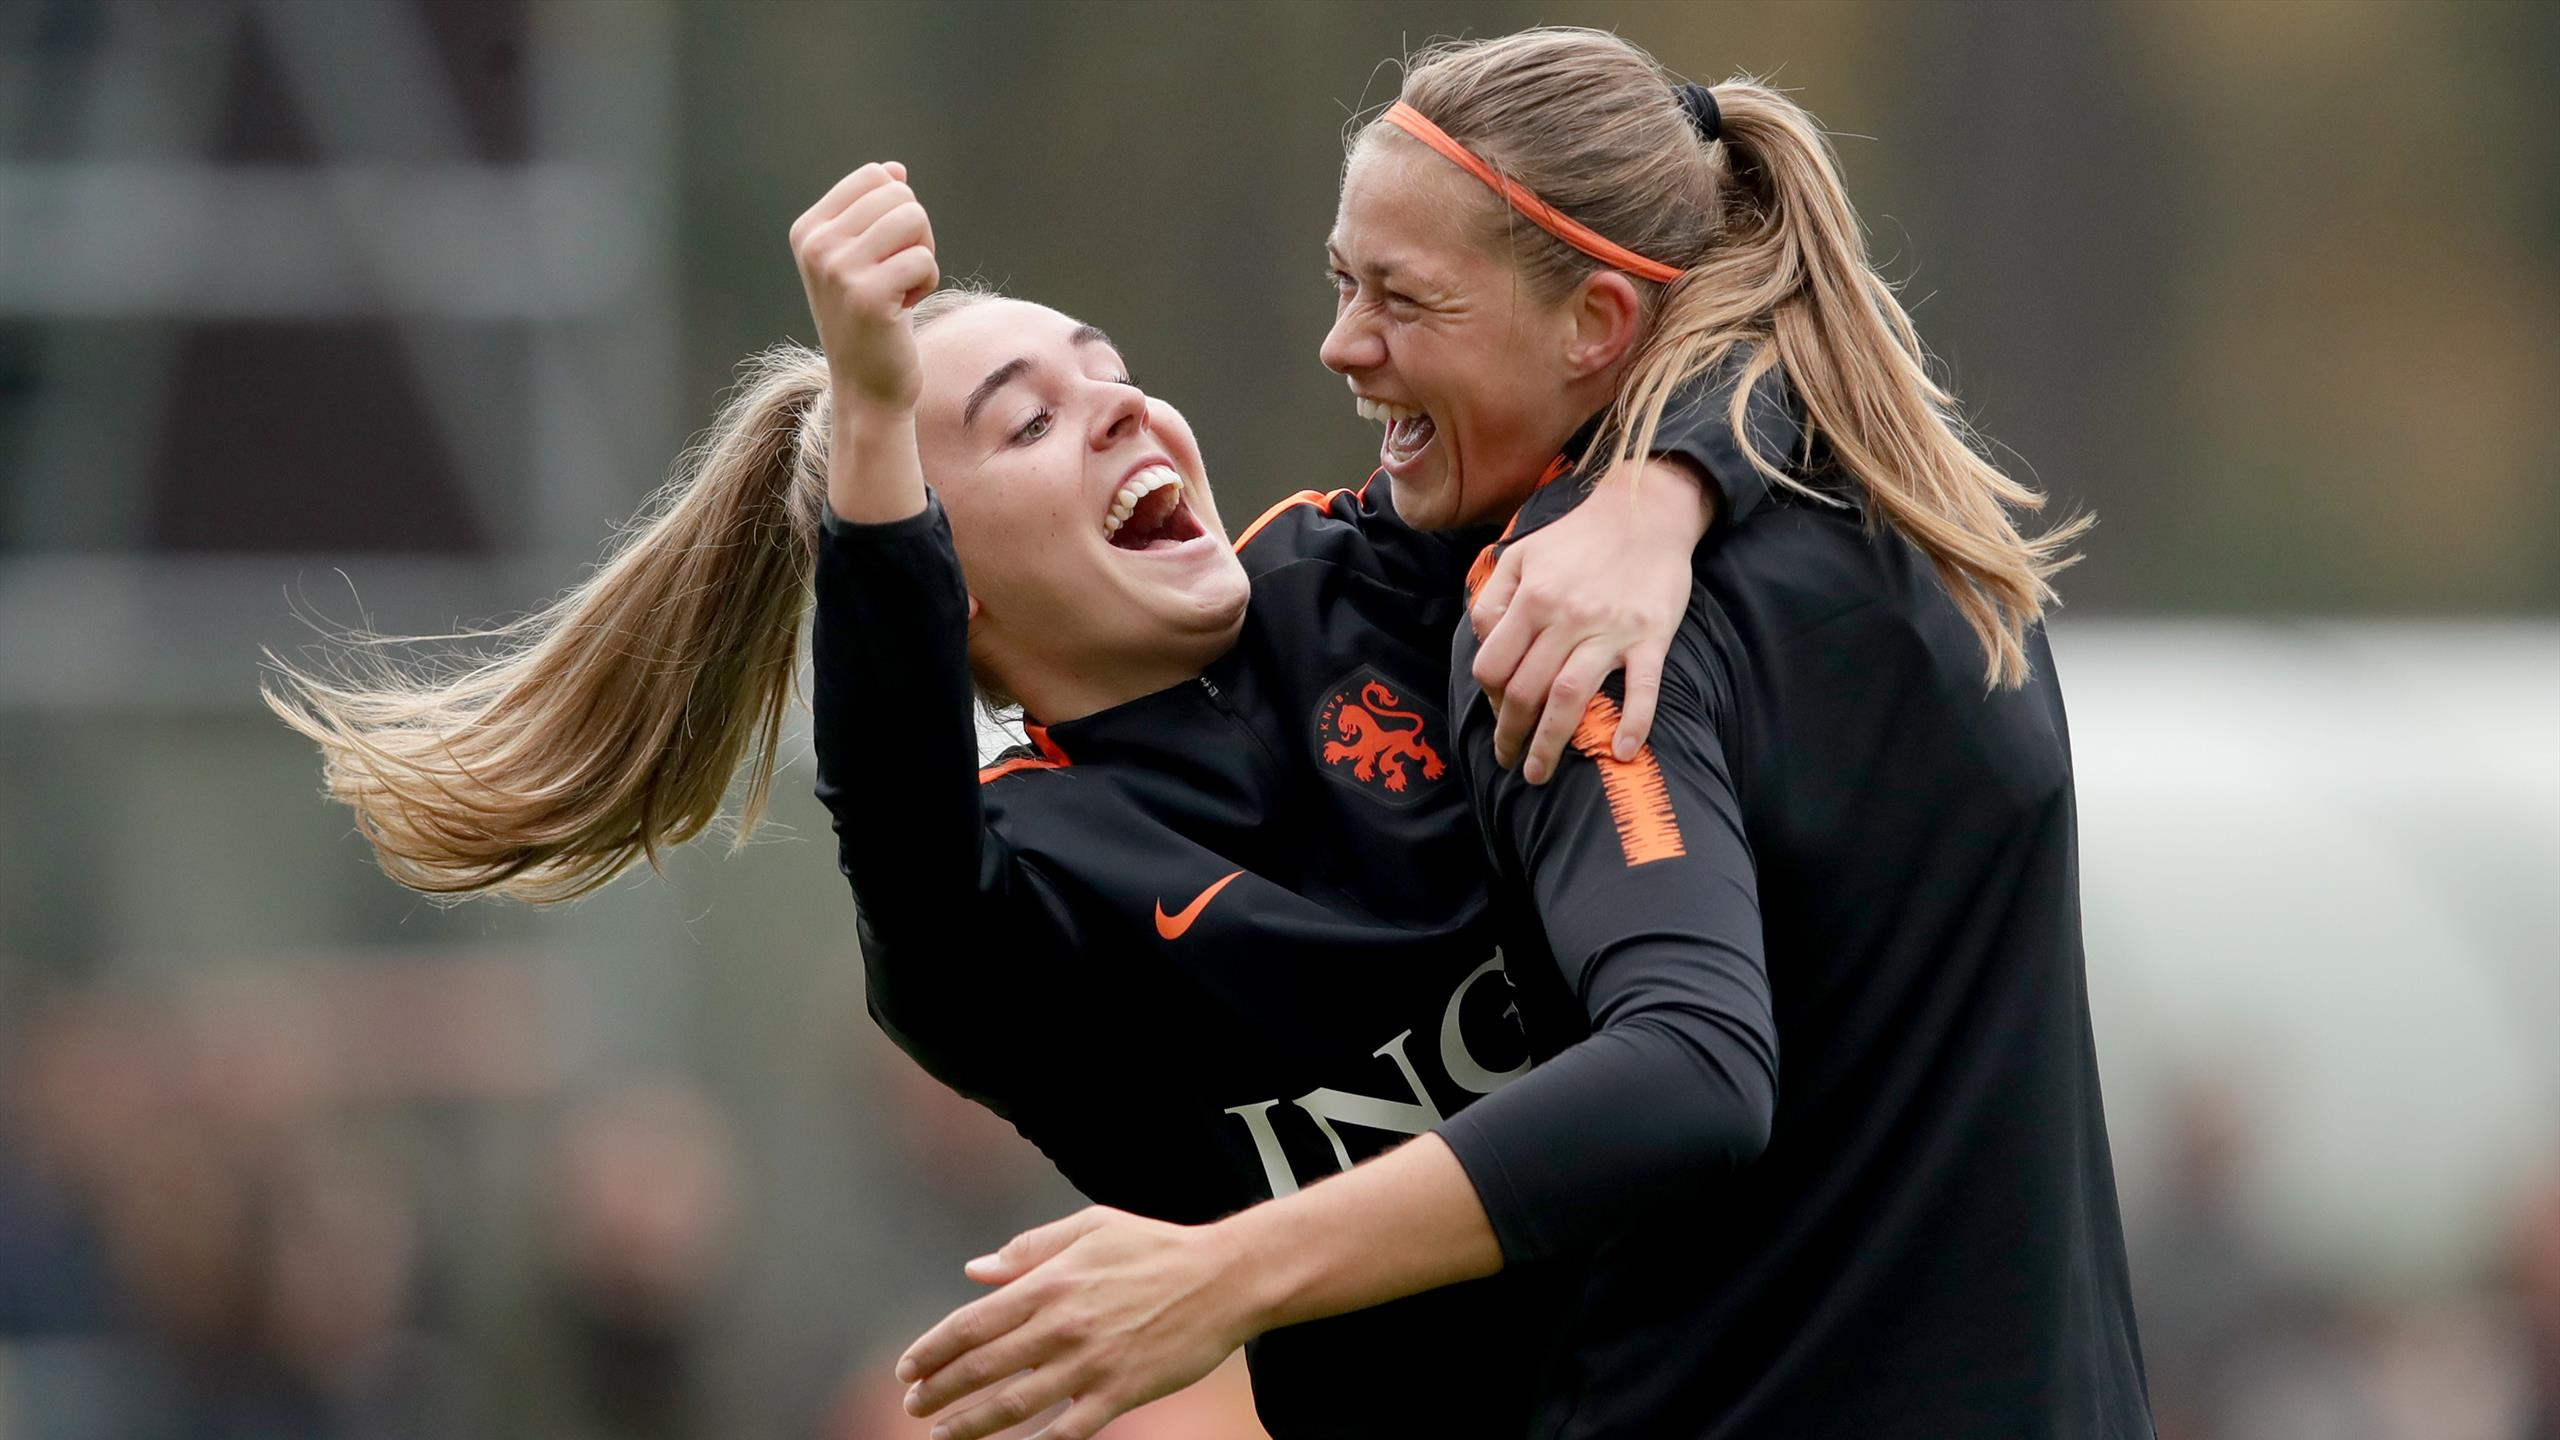 В Нидерландах футболистке разрешили выступать за мужскую команду